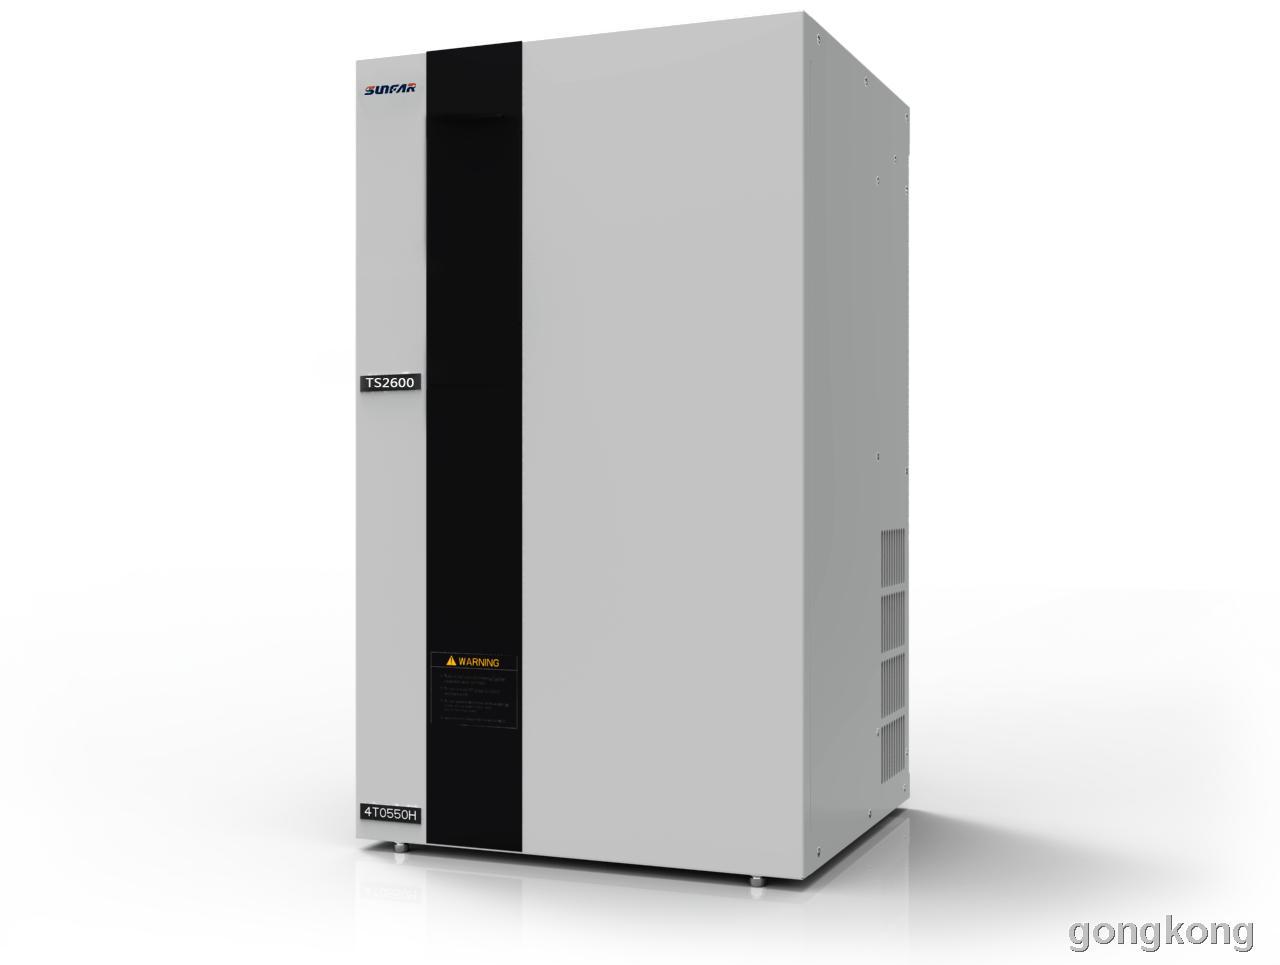 四方电气 TS2600系列螺杆空压机单变频电控驱动系统